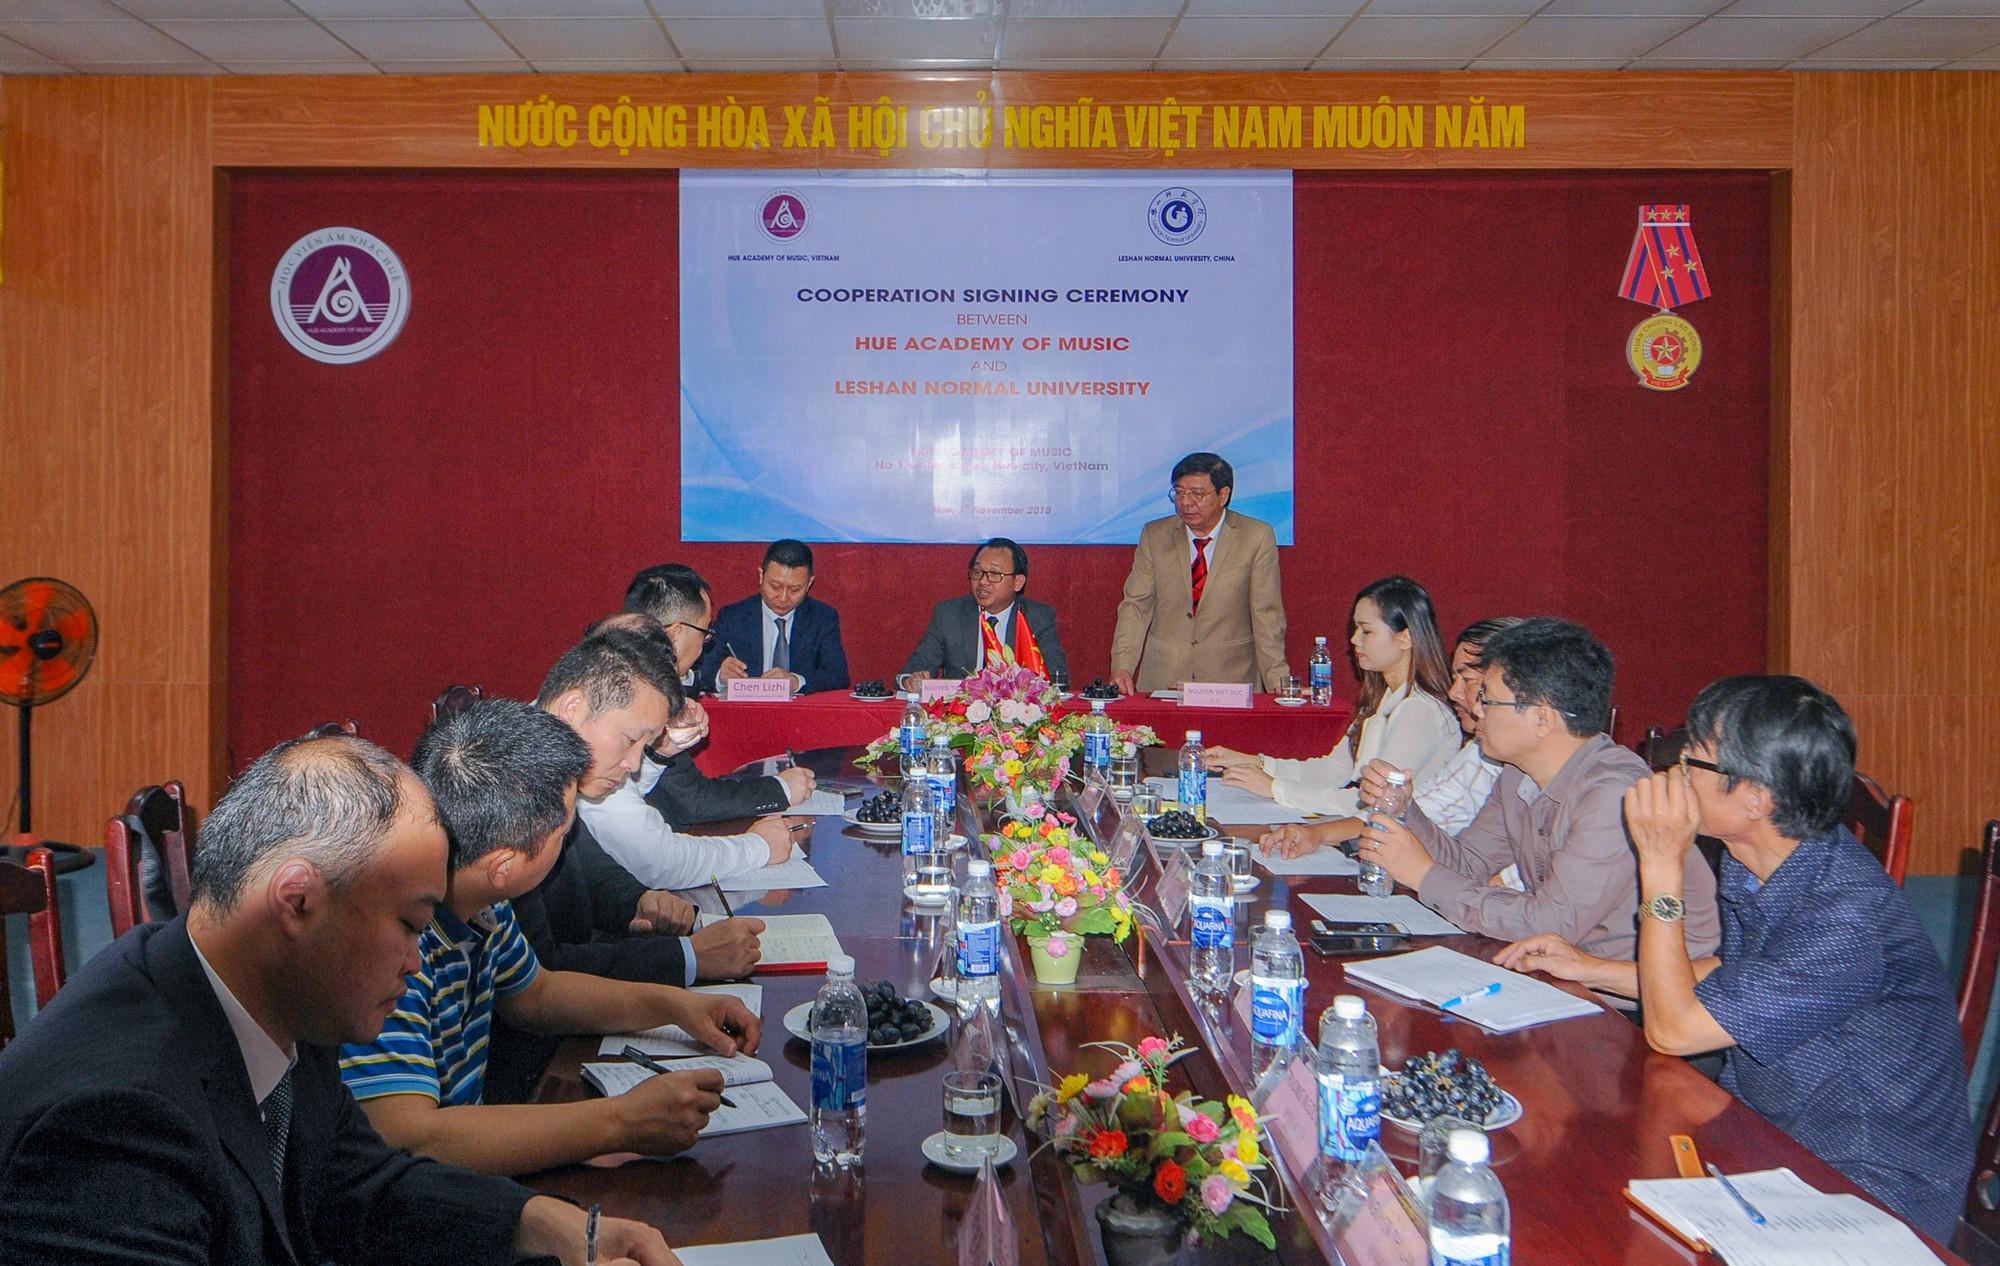 Hợp tác đào tạo giữa Học viện Âm nhạc Huế và Trường Đại học Lạc Sơn, Trung  Quốc